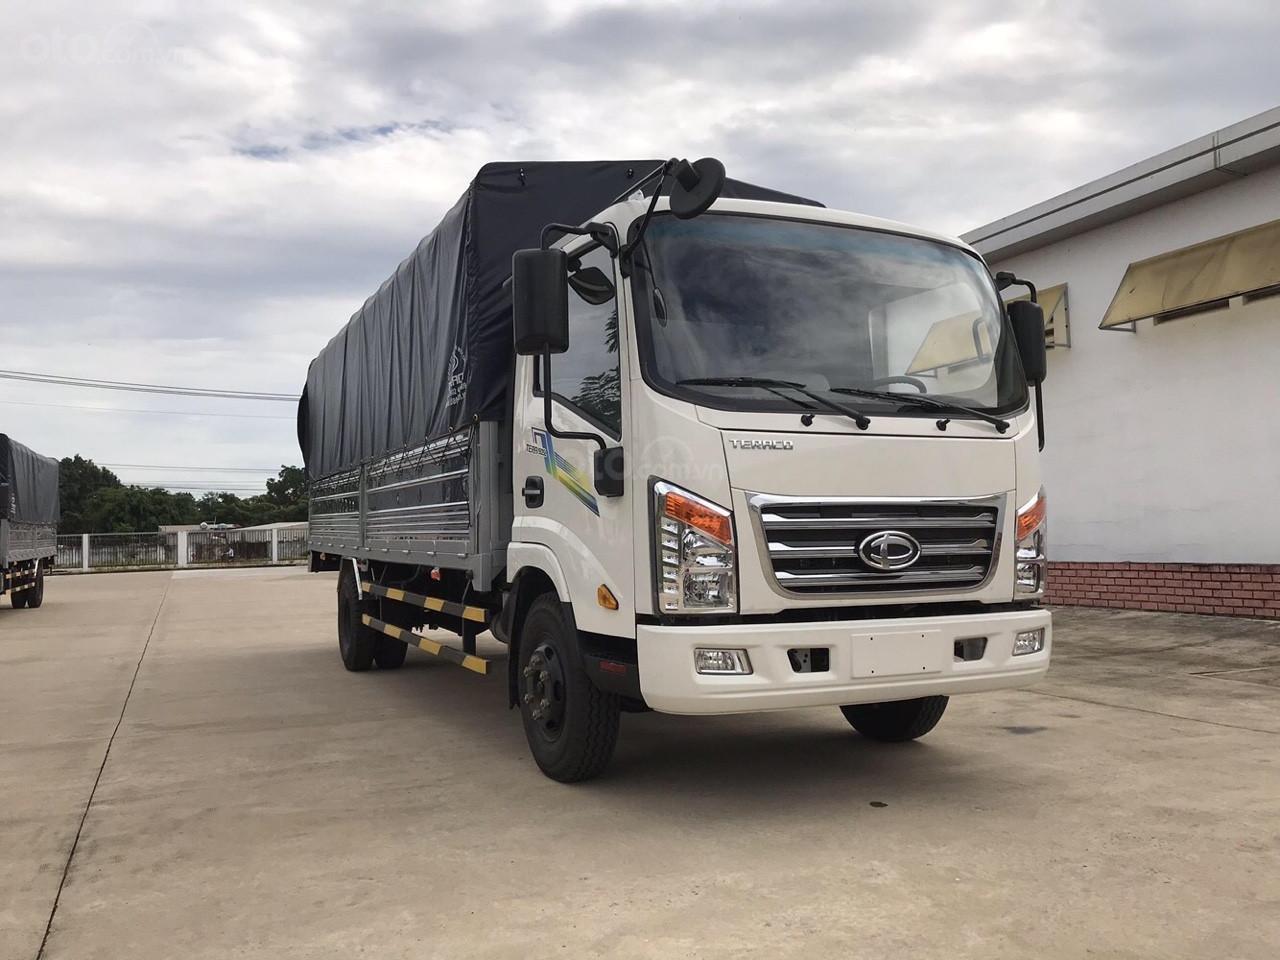 Bán xe tải 3.5 tấn Tera 345SL thùng kín, thùng lửng, thùng bạt với chiều dài thùng lên đến 6.1 mét tại Hải Phòng và Quảng Ninh